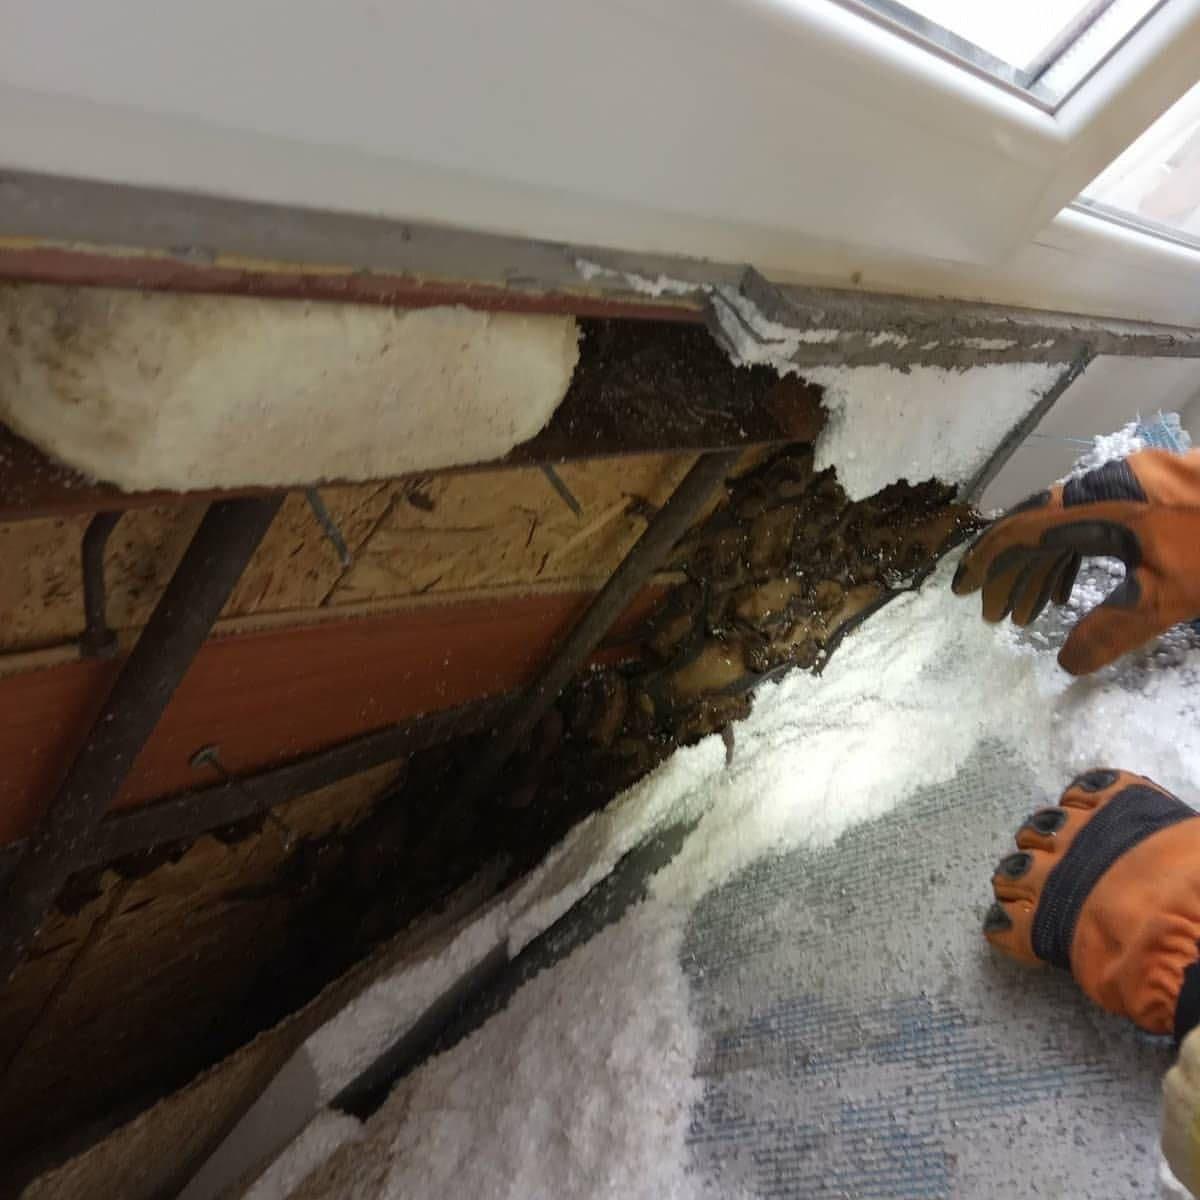 """""""Нелегальные жильцы"""": в Днепре в обшивке балкона нашли более 500 летучих мышей, фото-2"""